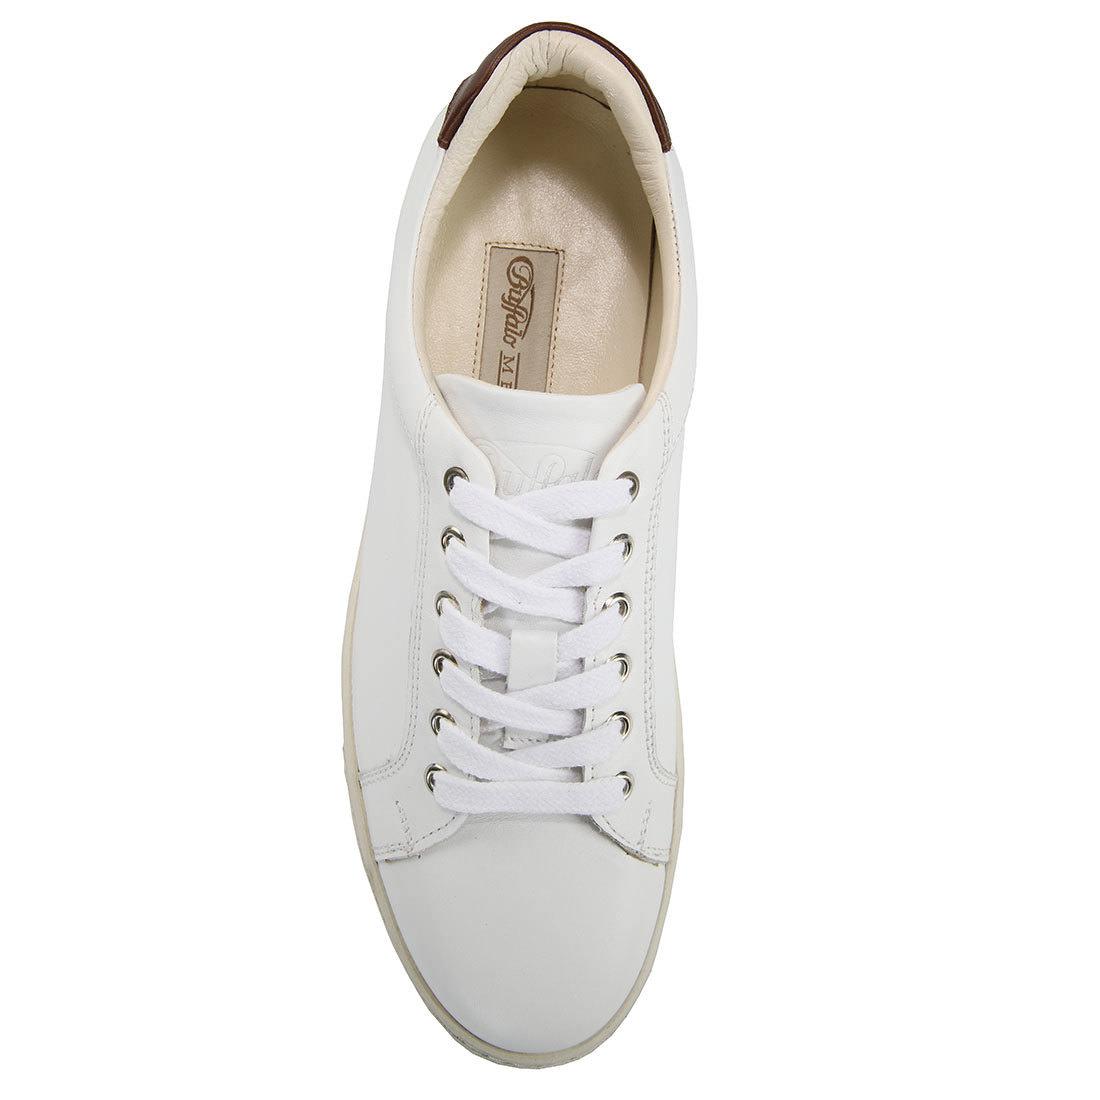 brand new 18f35 cc343 Buffalo Herren-Sneaker in weiß aus Leder online kaufen ...